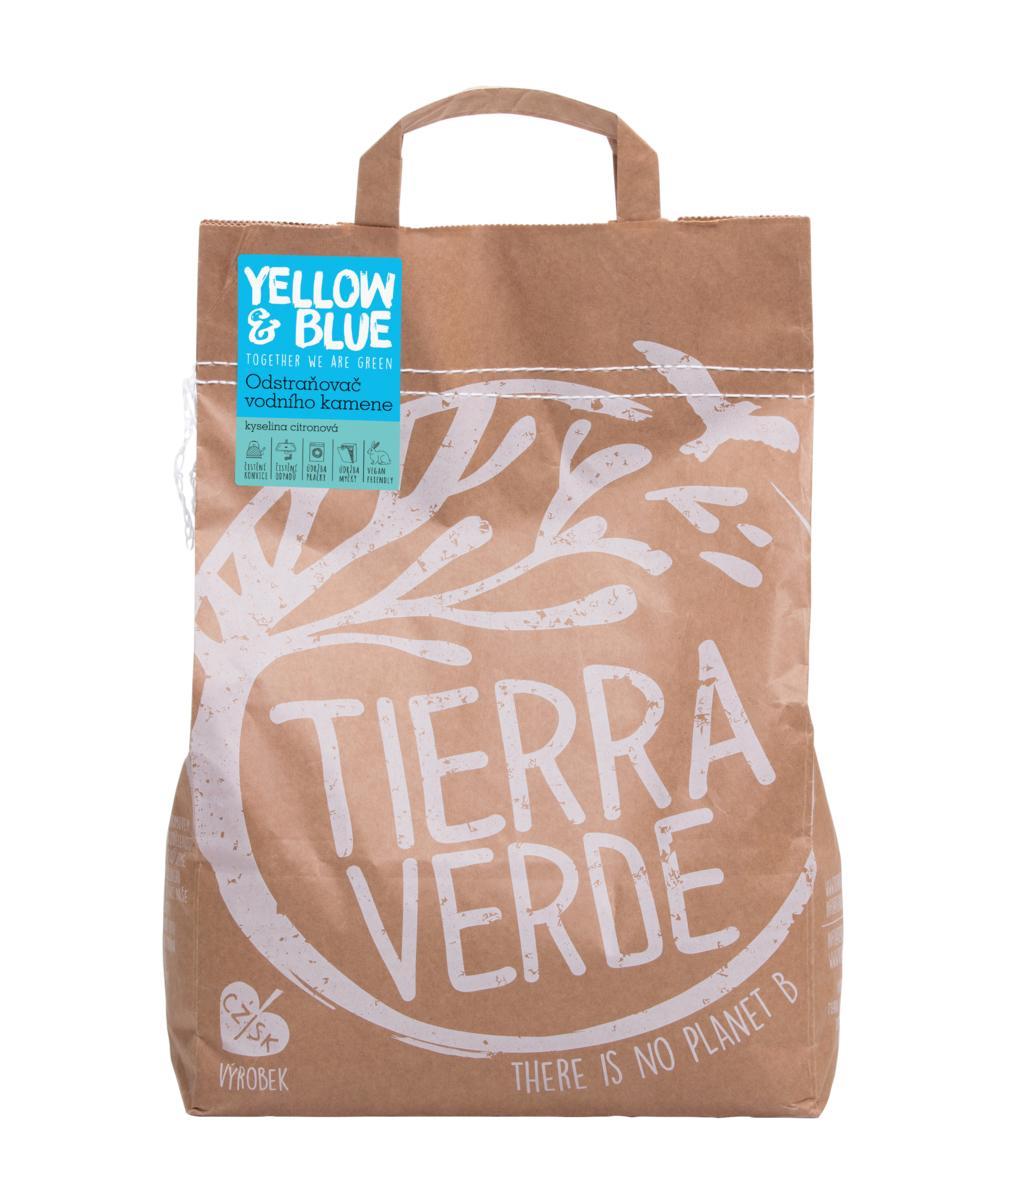 Yellow&Blue Odstraňovač vodního kamene – kyselina citronová (pap. pytel 5 kg)